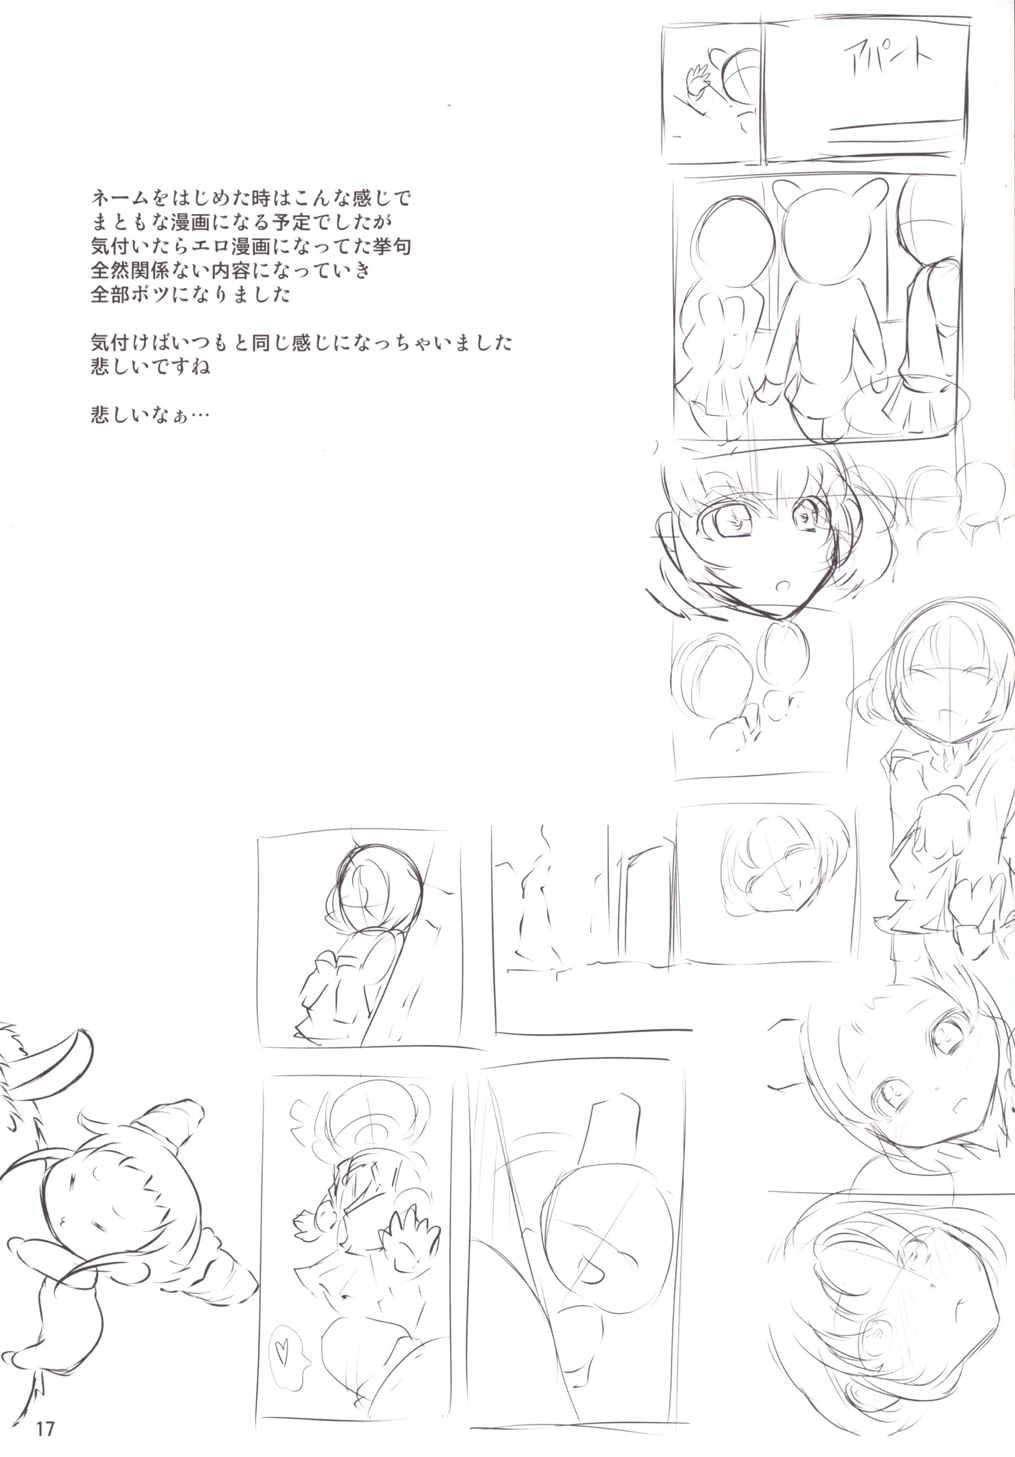 Houkago Koi no Deru 15